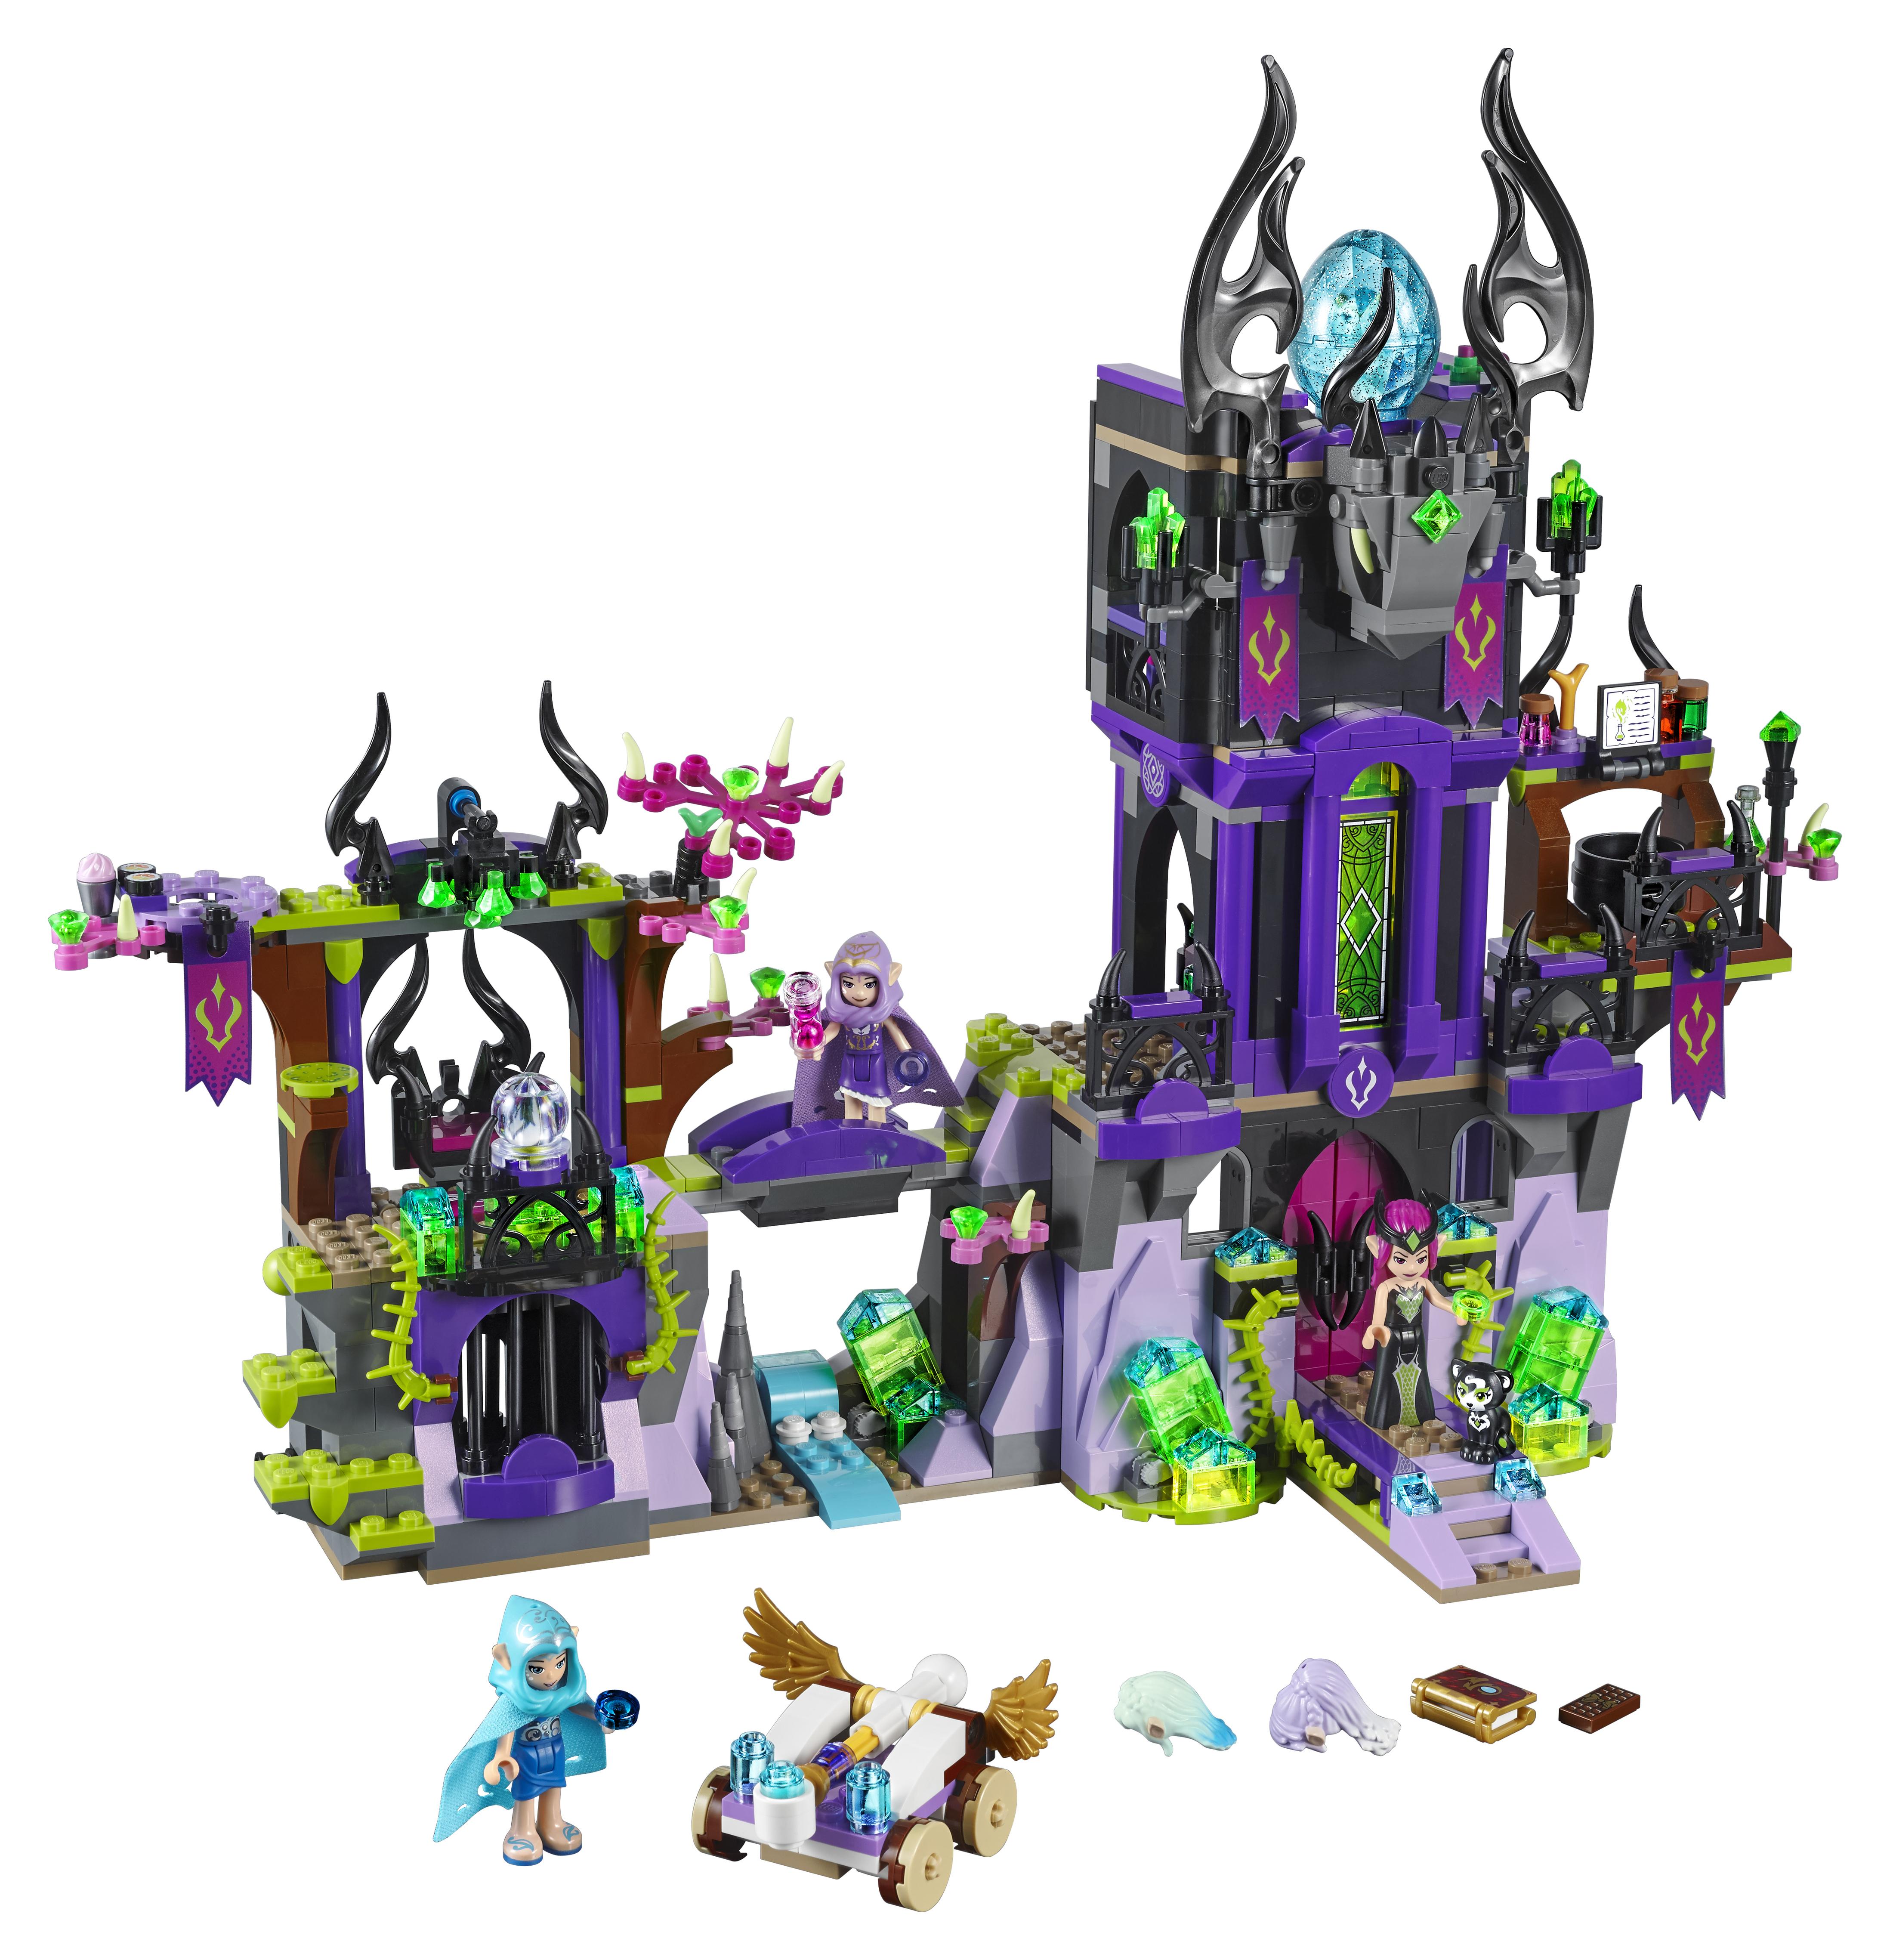 Lego Le Ombres De Elves Ragana 41180 Des Chteau shQdtr